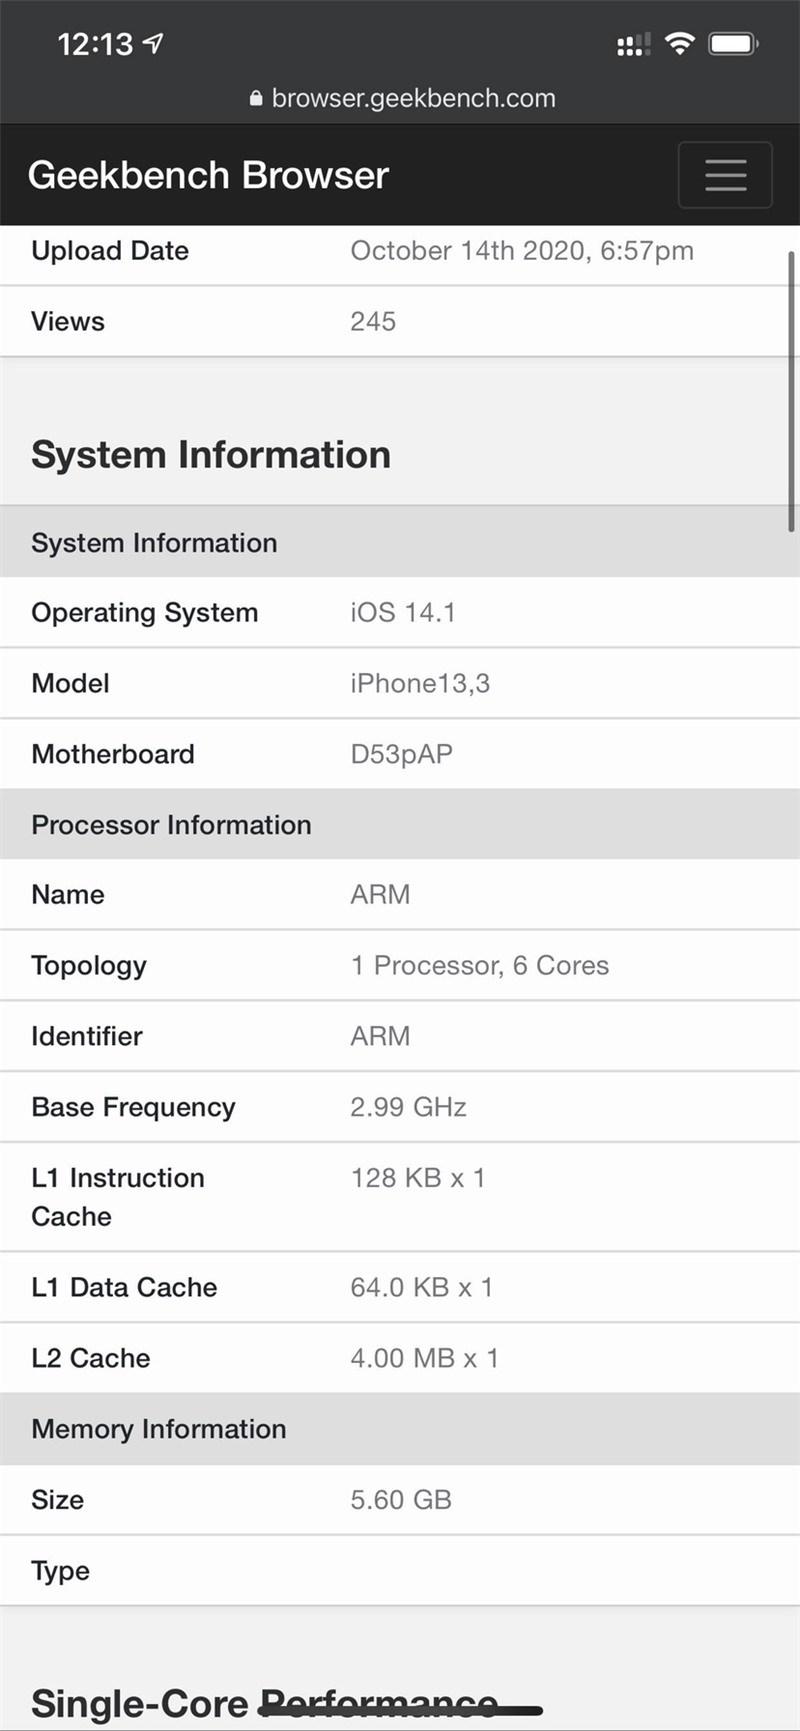 iPhone 12 Pro 配 6GB 内存,iPhone 12 和 12 mini 仍是 4GB